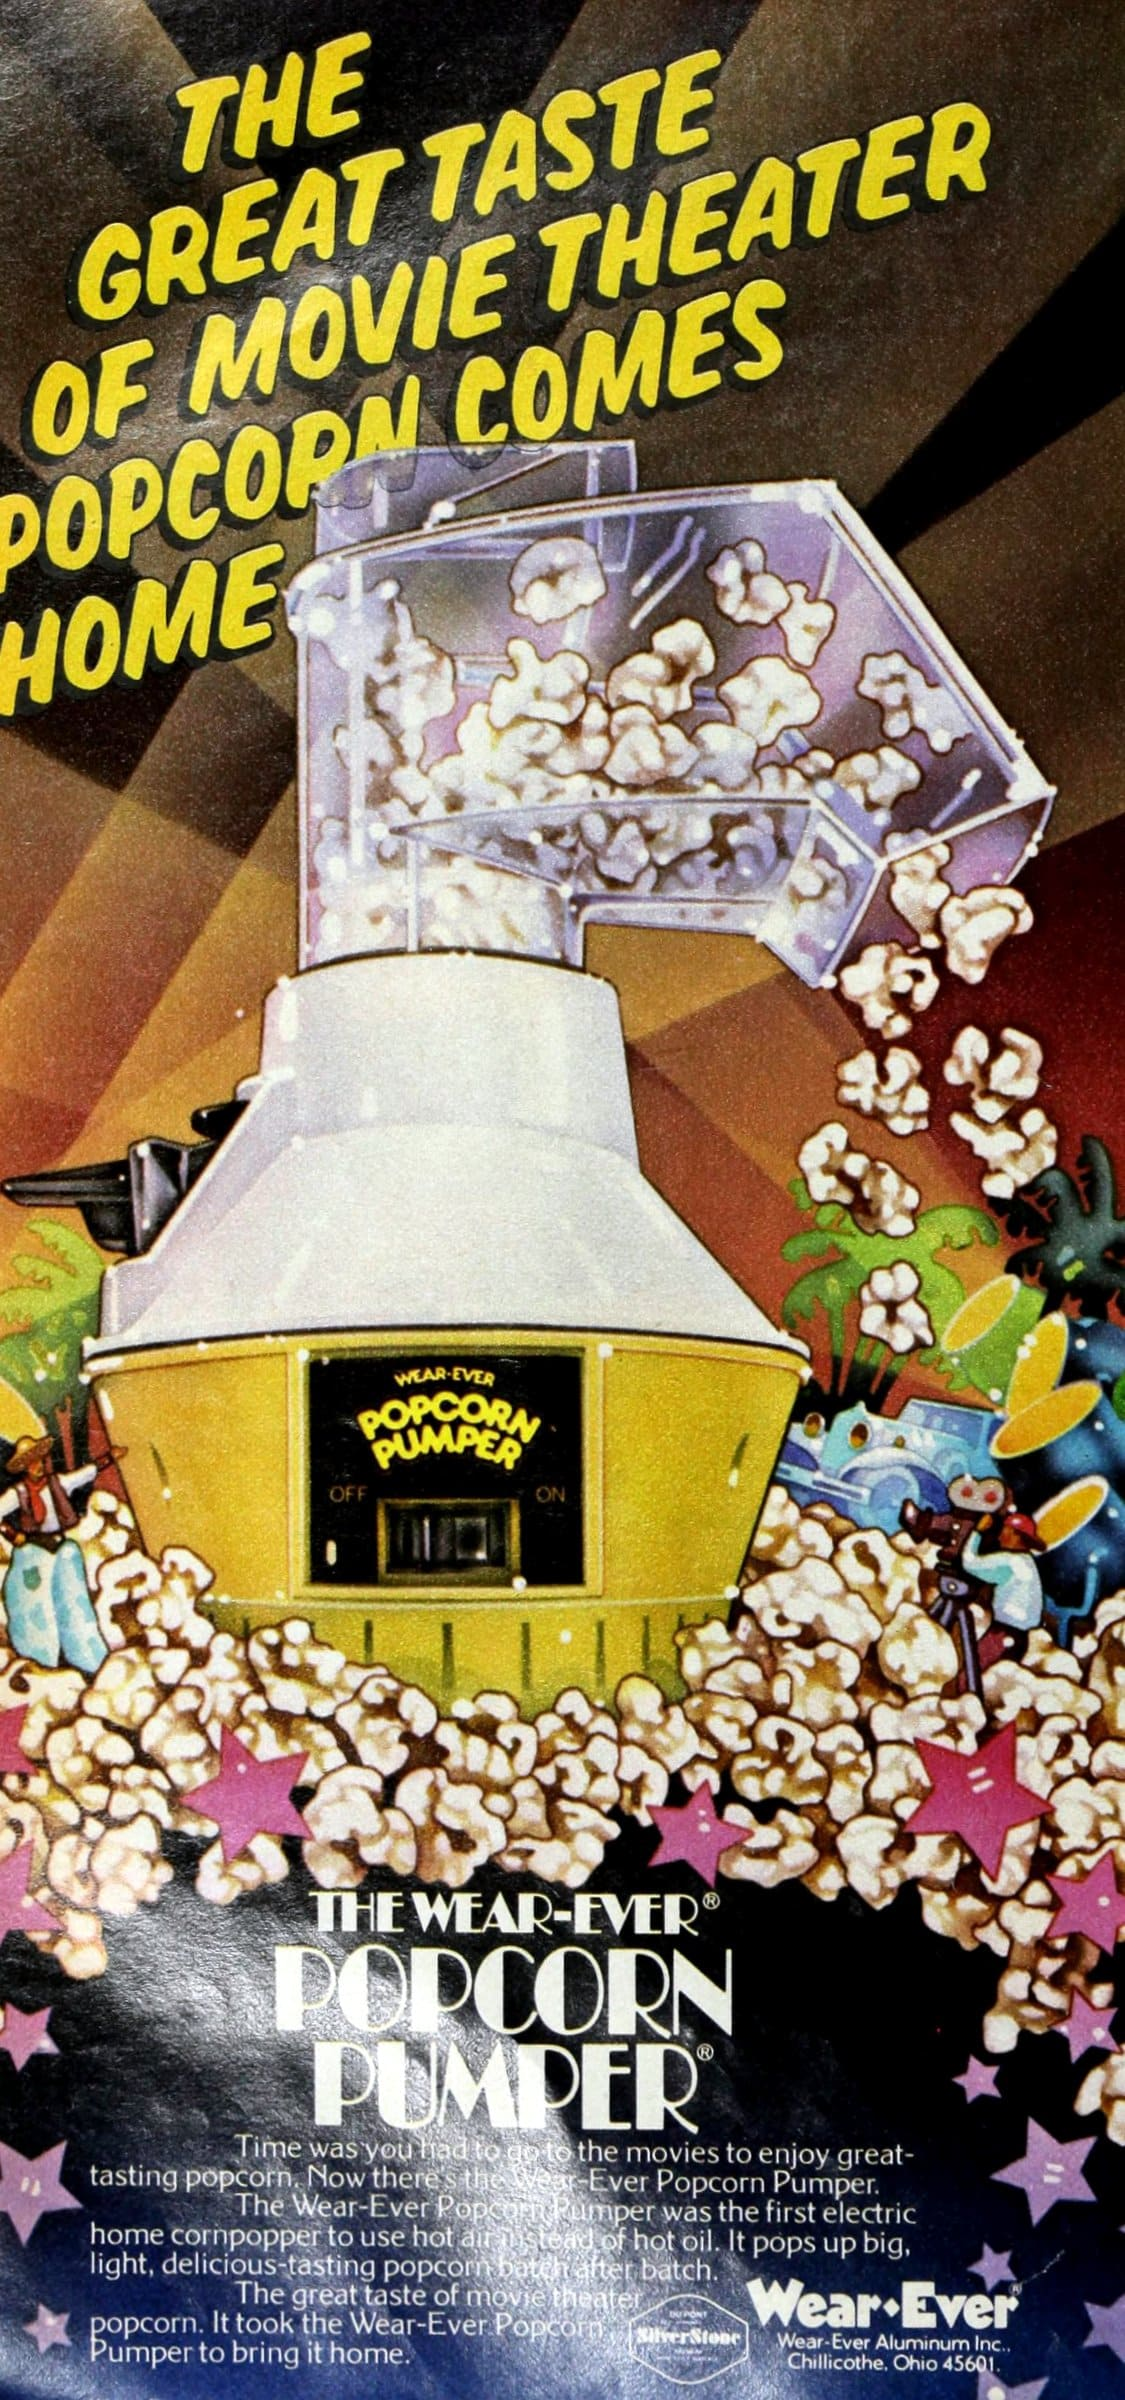 Wear-Ever Popcorn Pumper -- vintage popcorn machine (1980)